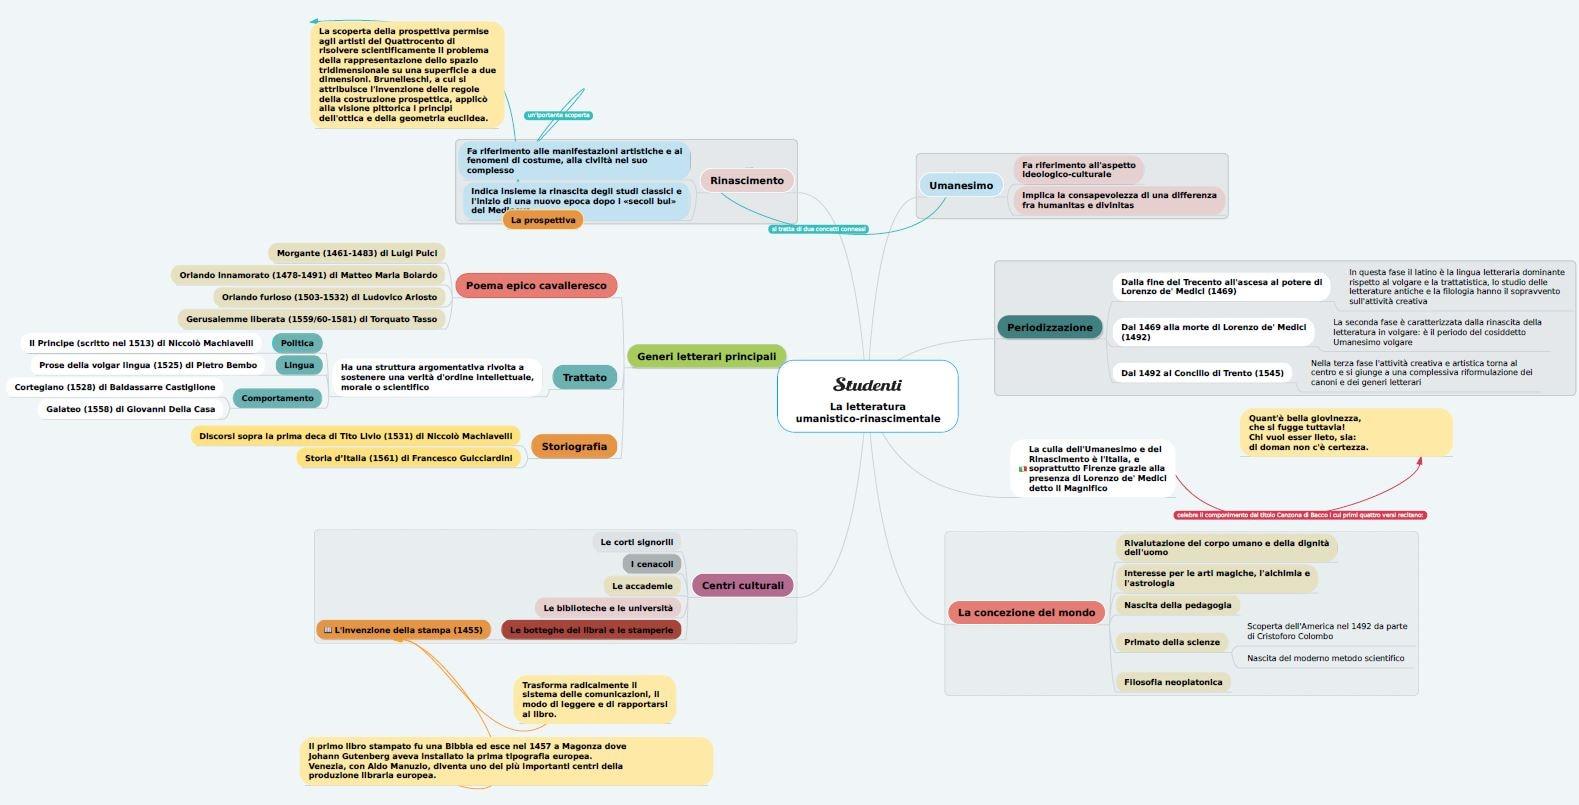 Mappa concettuale letteratura umanistico-rinascimentale